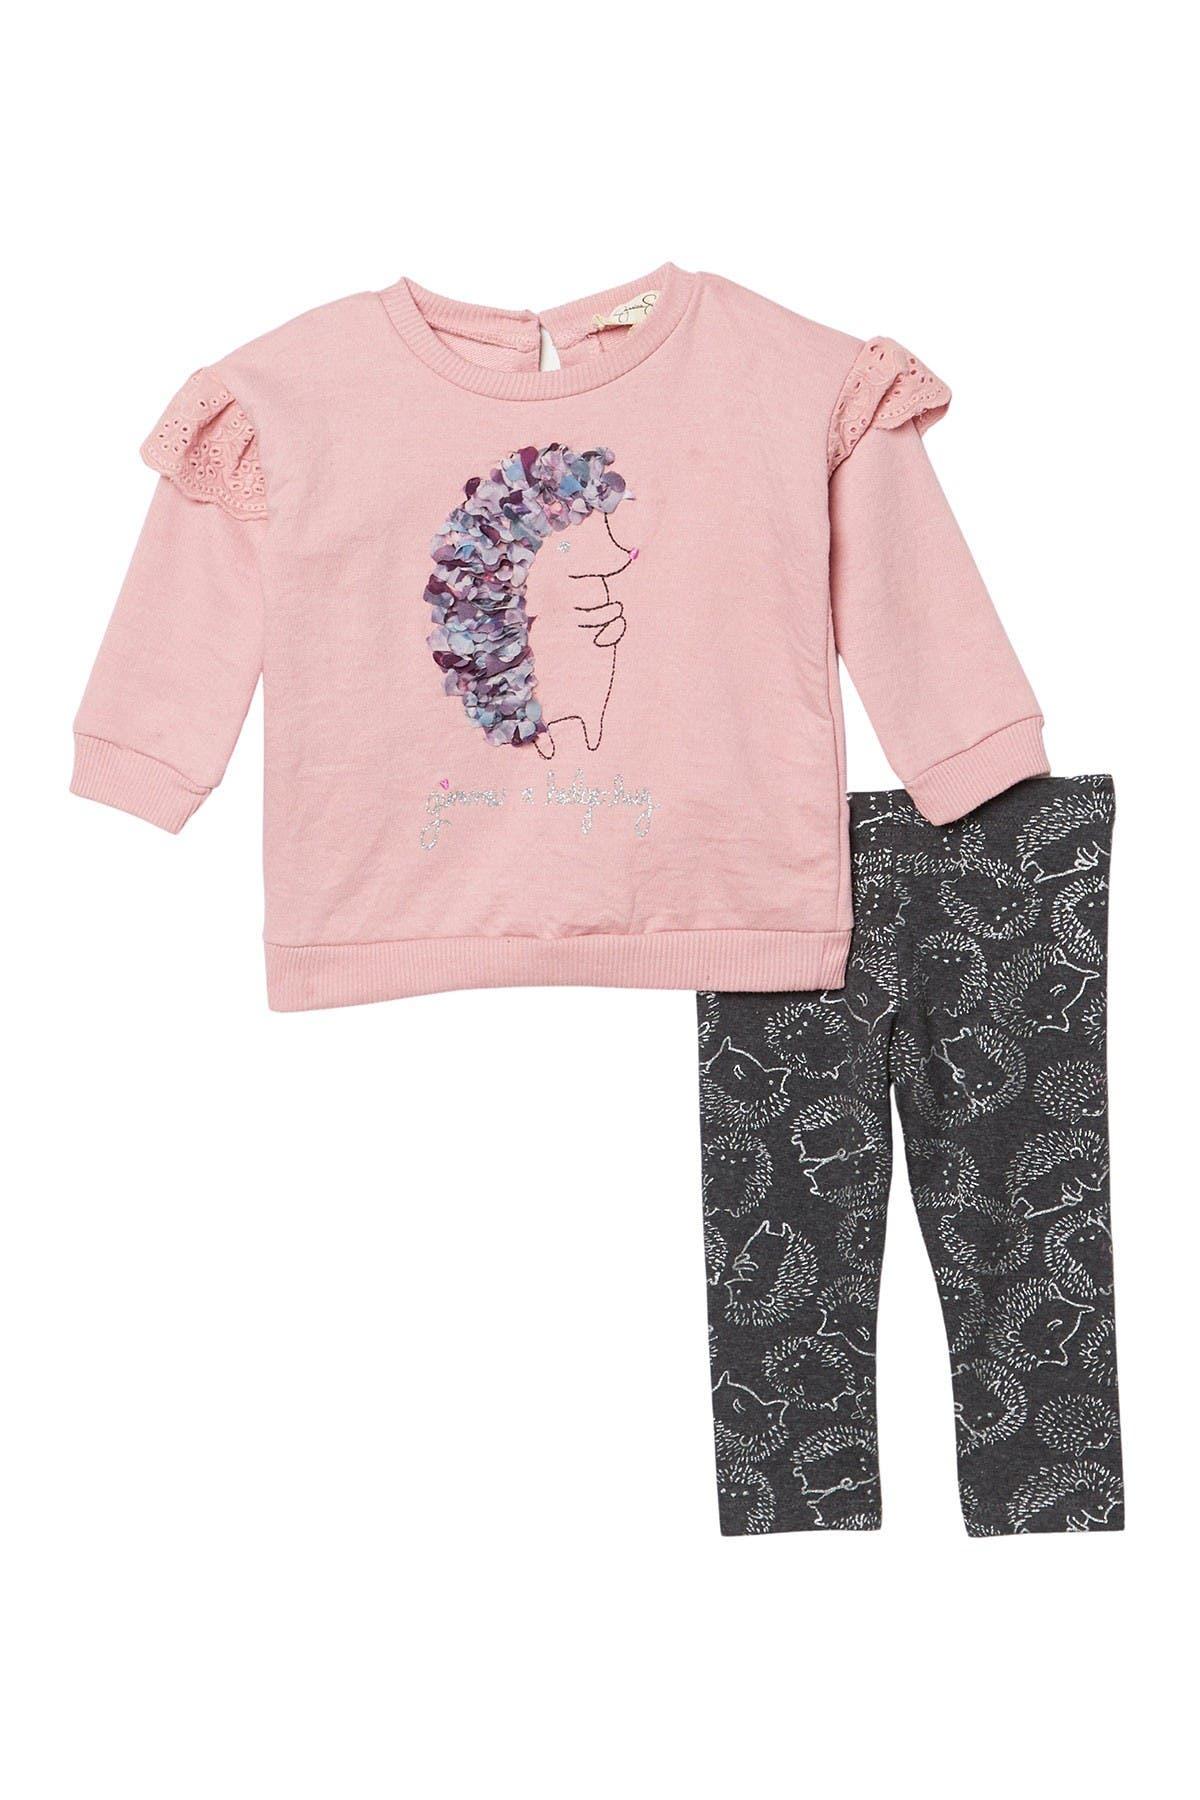 Image of Jessica Simpson Hedgehog Sweatshirt & Leggings Set